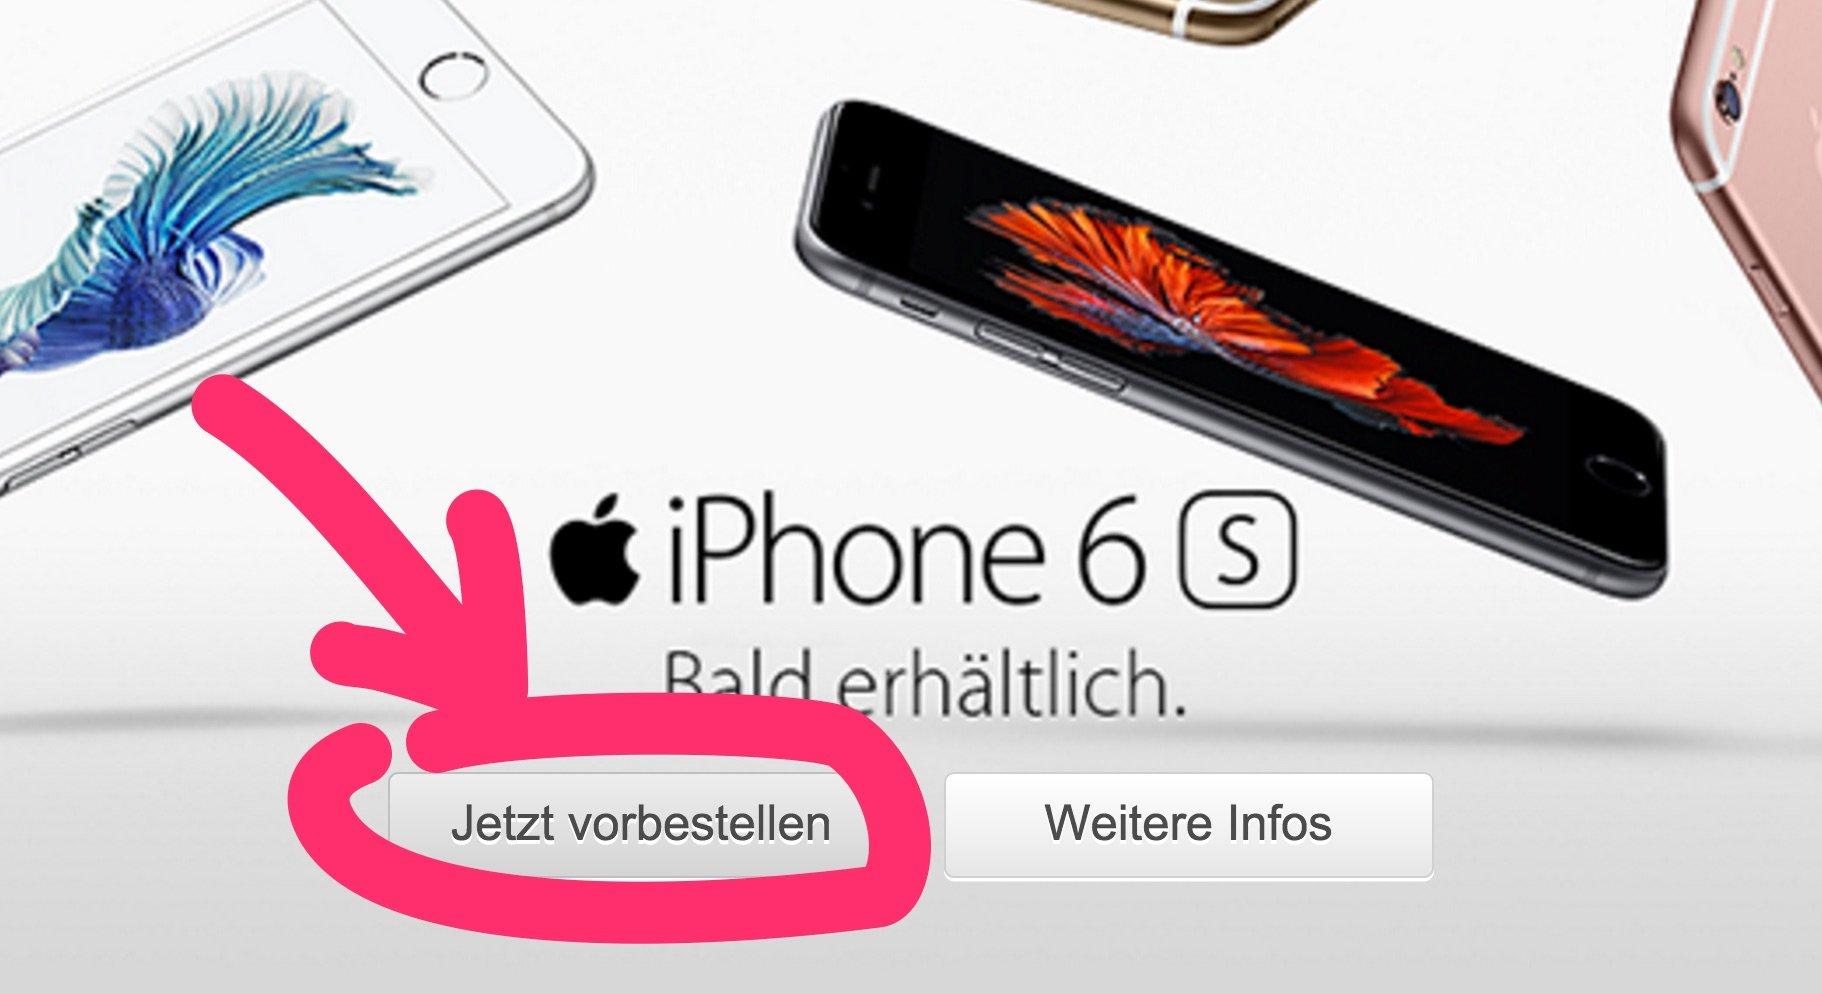 Iphone 6s Mit Vertrag Bei Vodafone Telekom O2